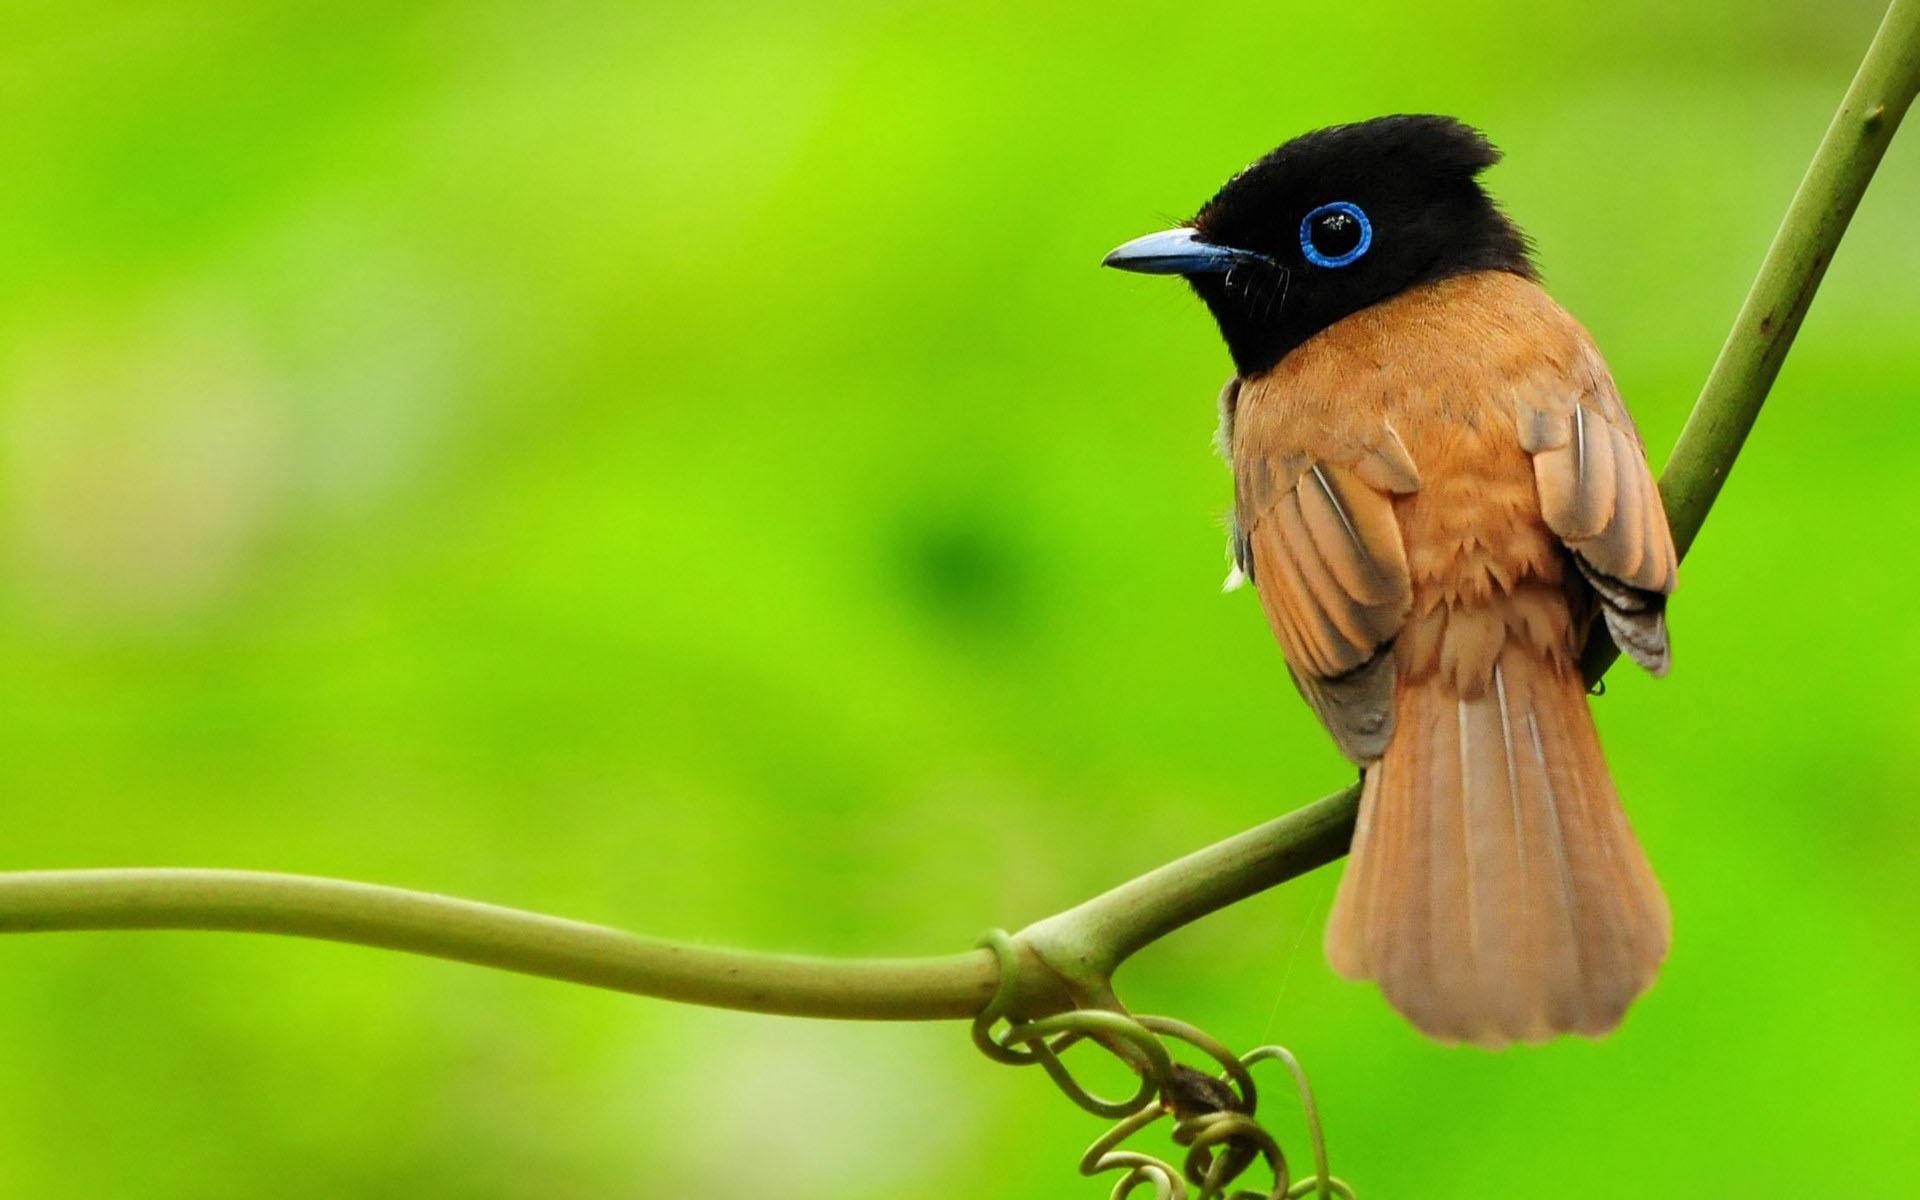 بالصور عصافير الزينة , هذه روائع الصور لعصافير الزينه 2859 7